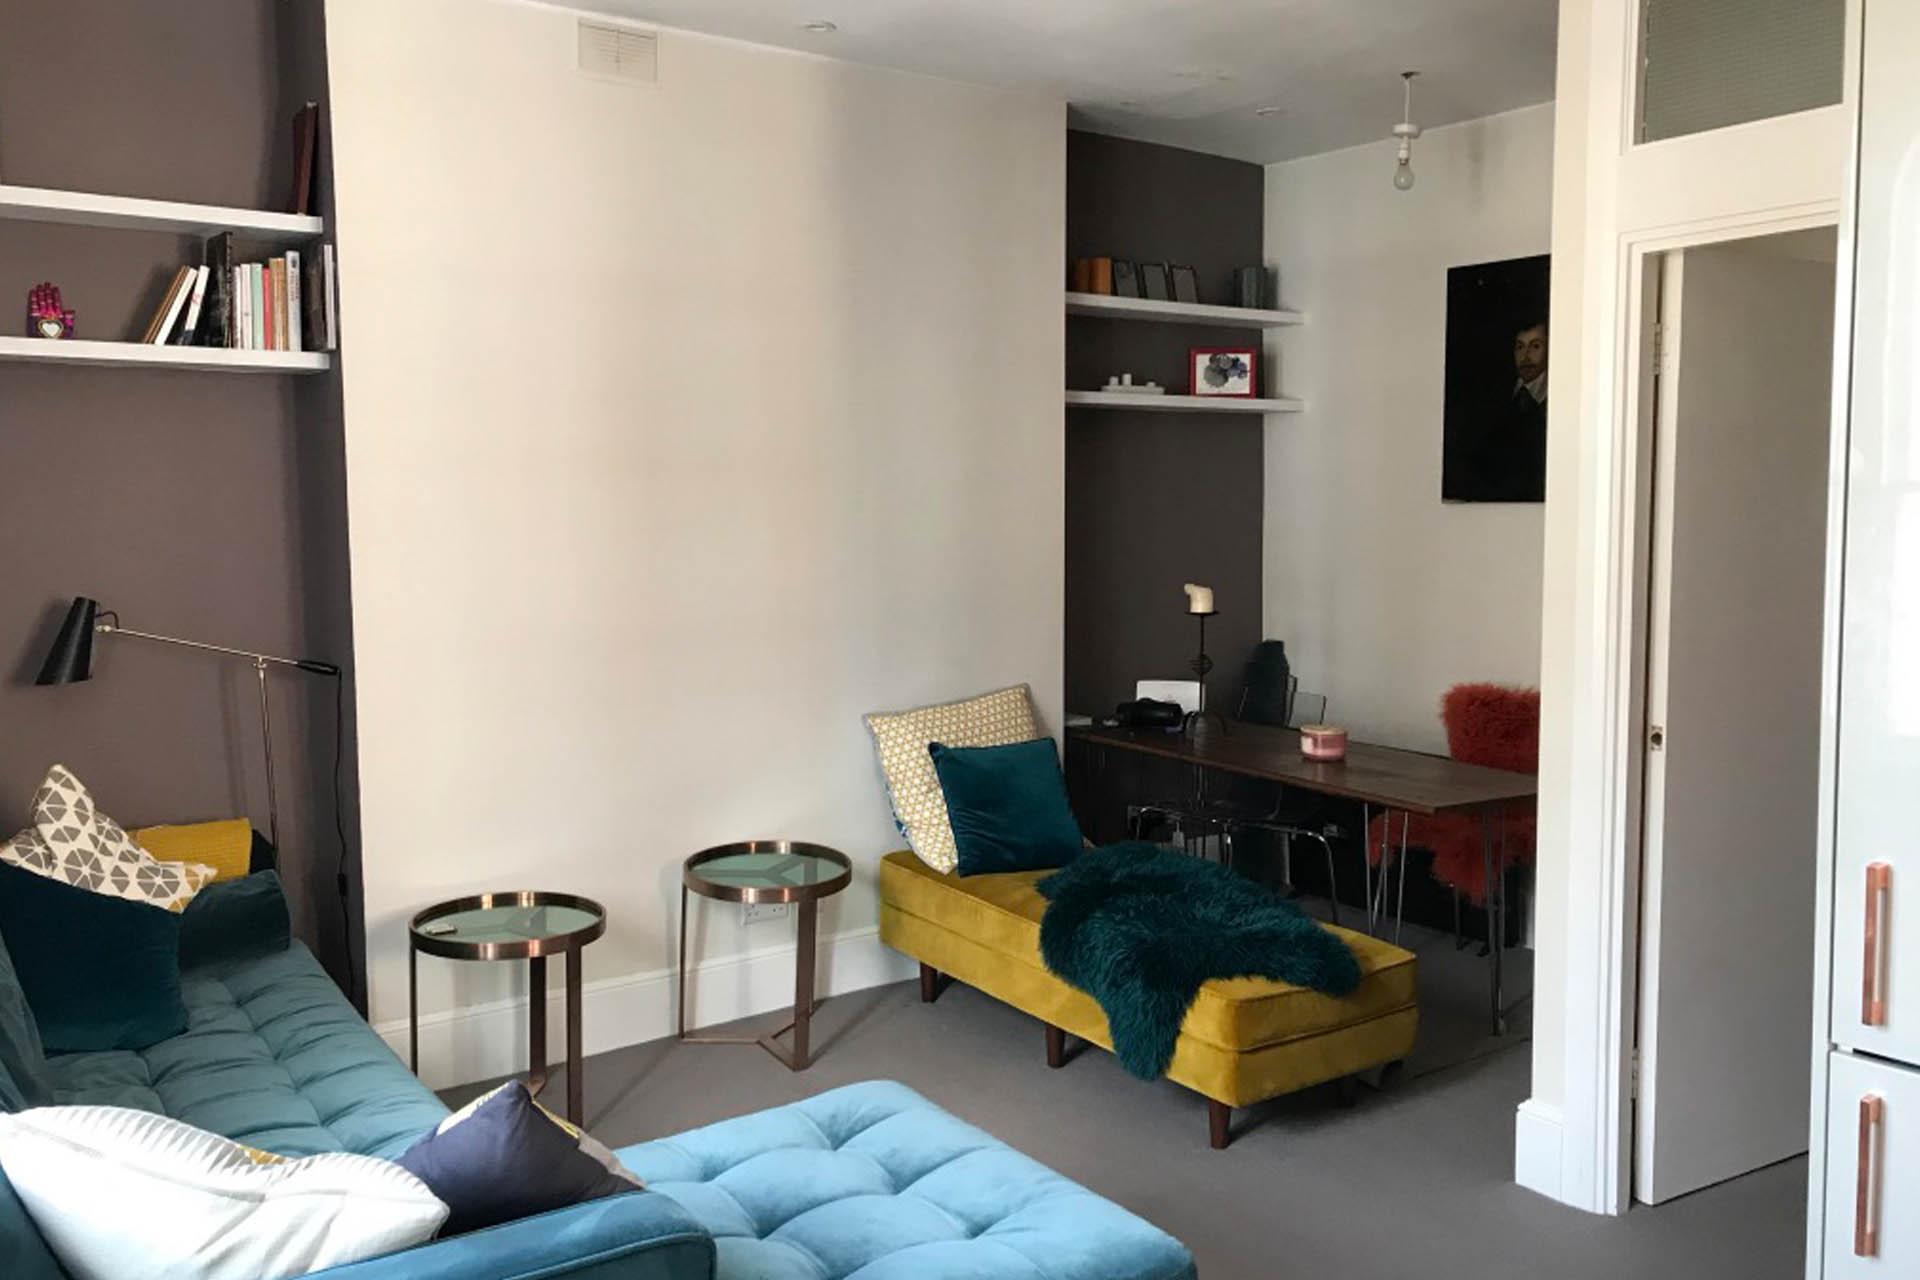 Kilburn NW6 living room